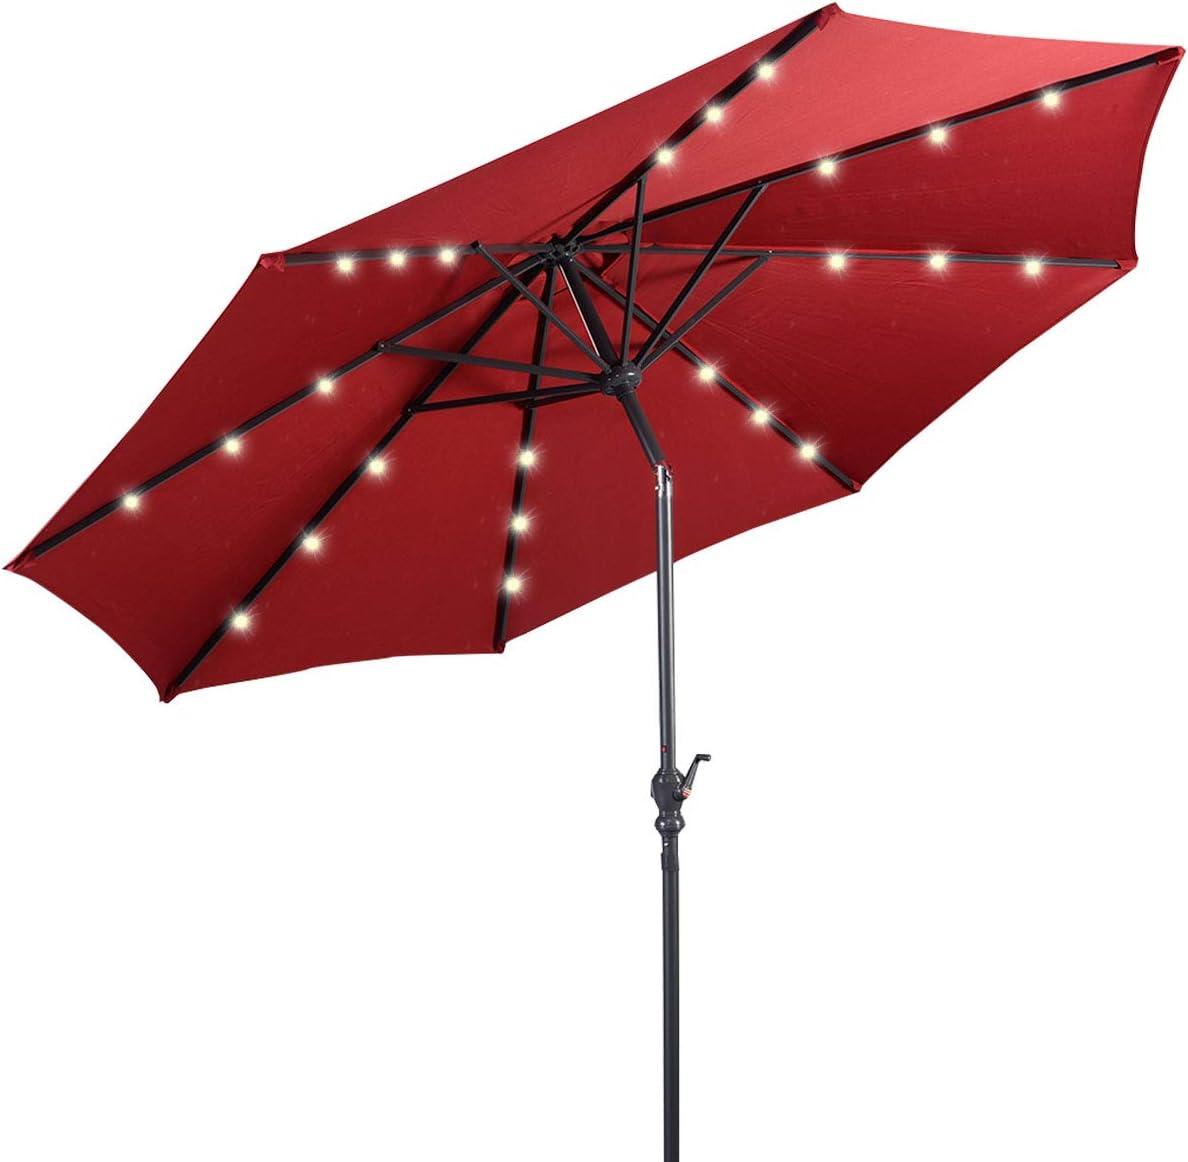 Giantex 10ft Solar Patio Umbrella Outdoor